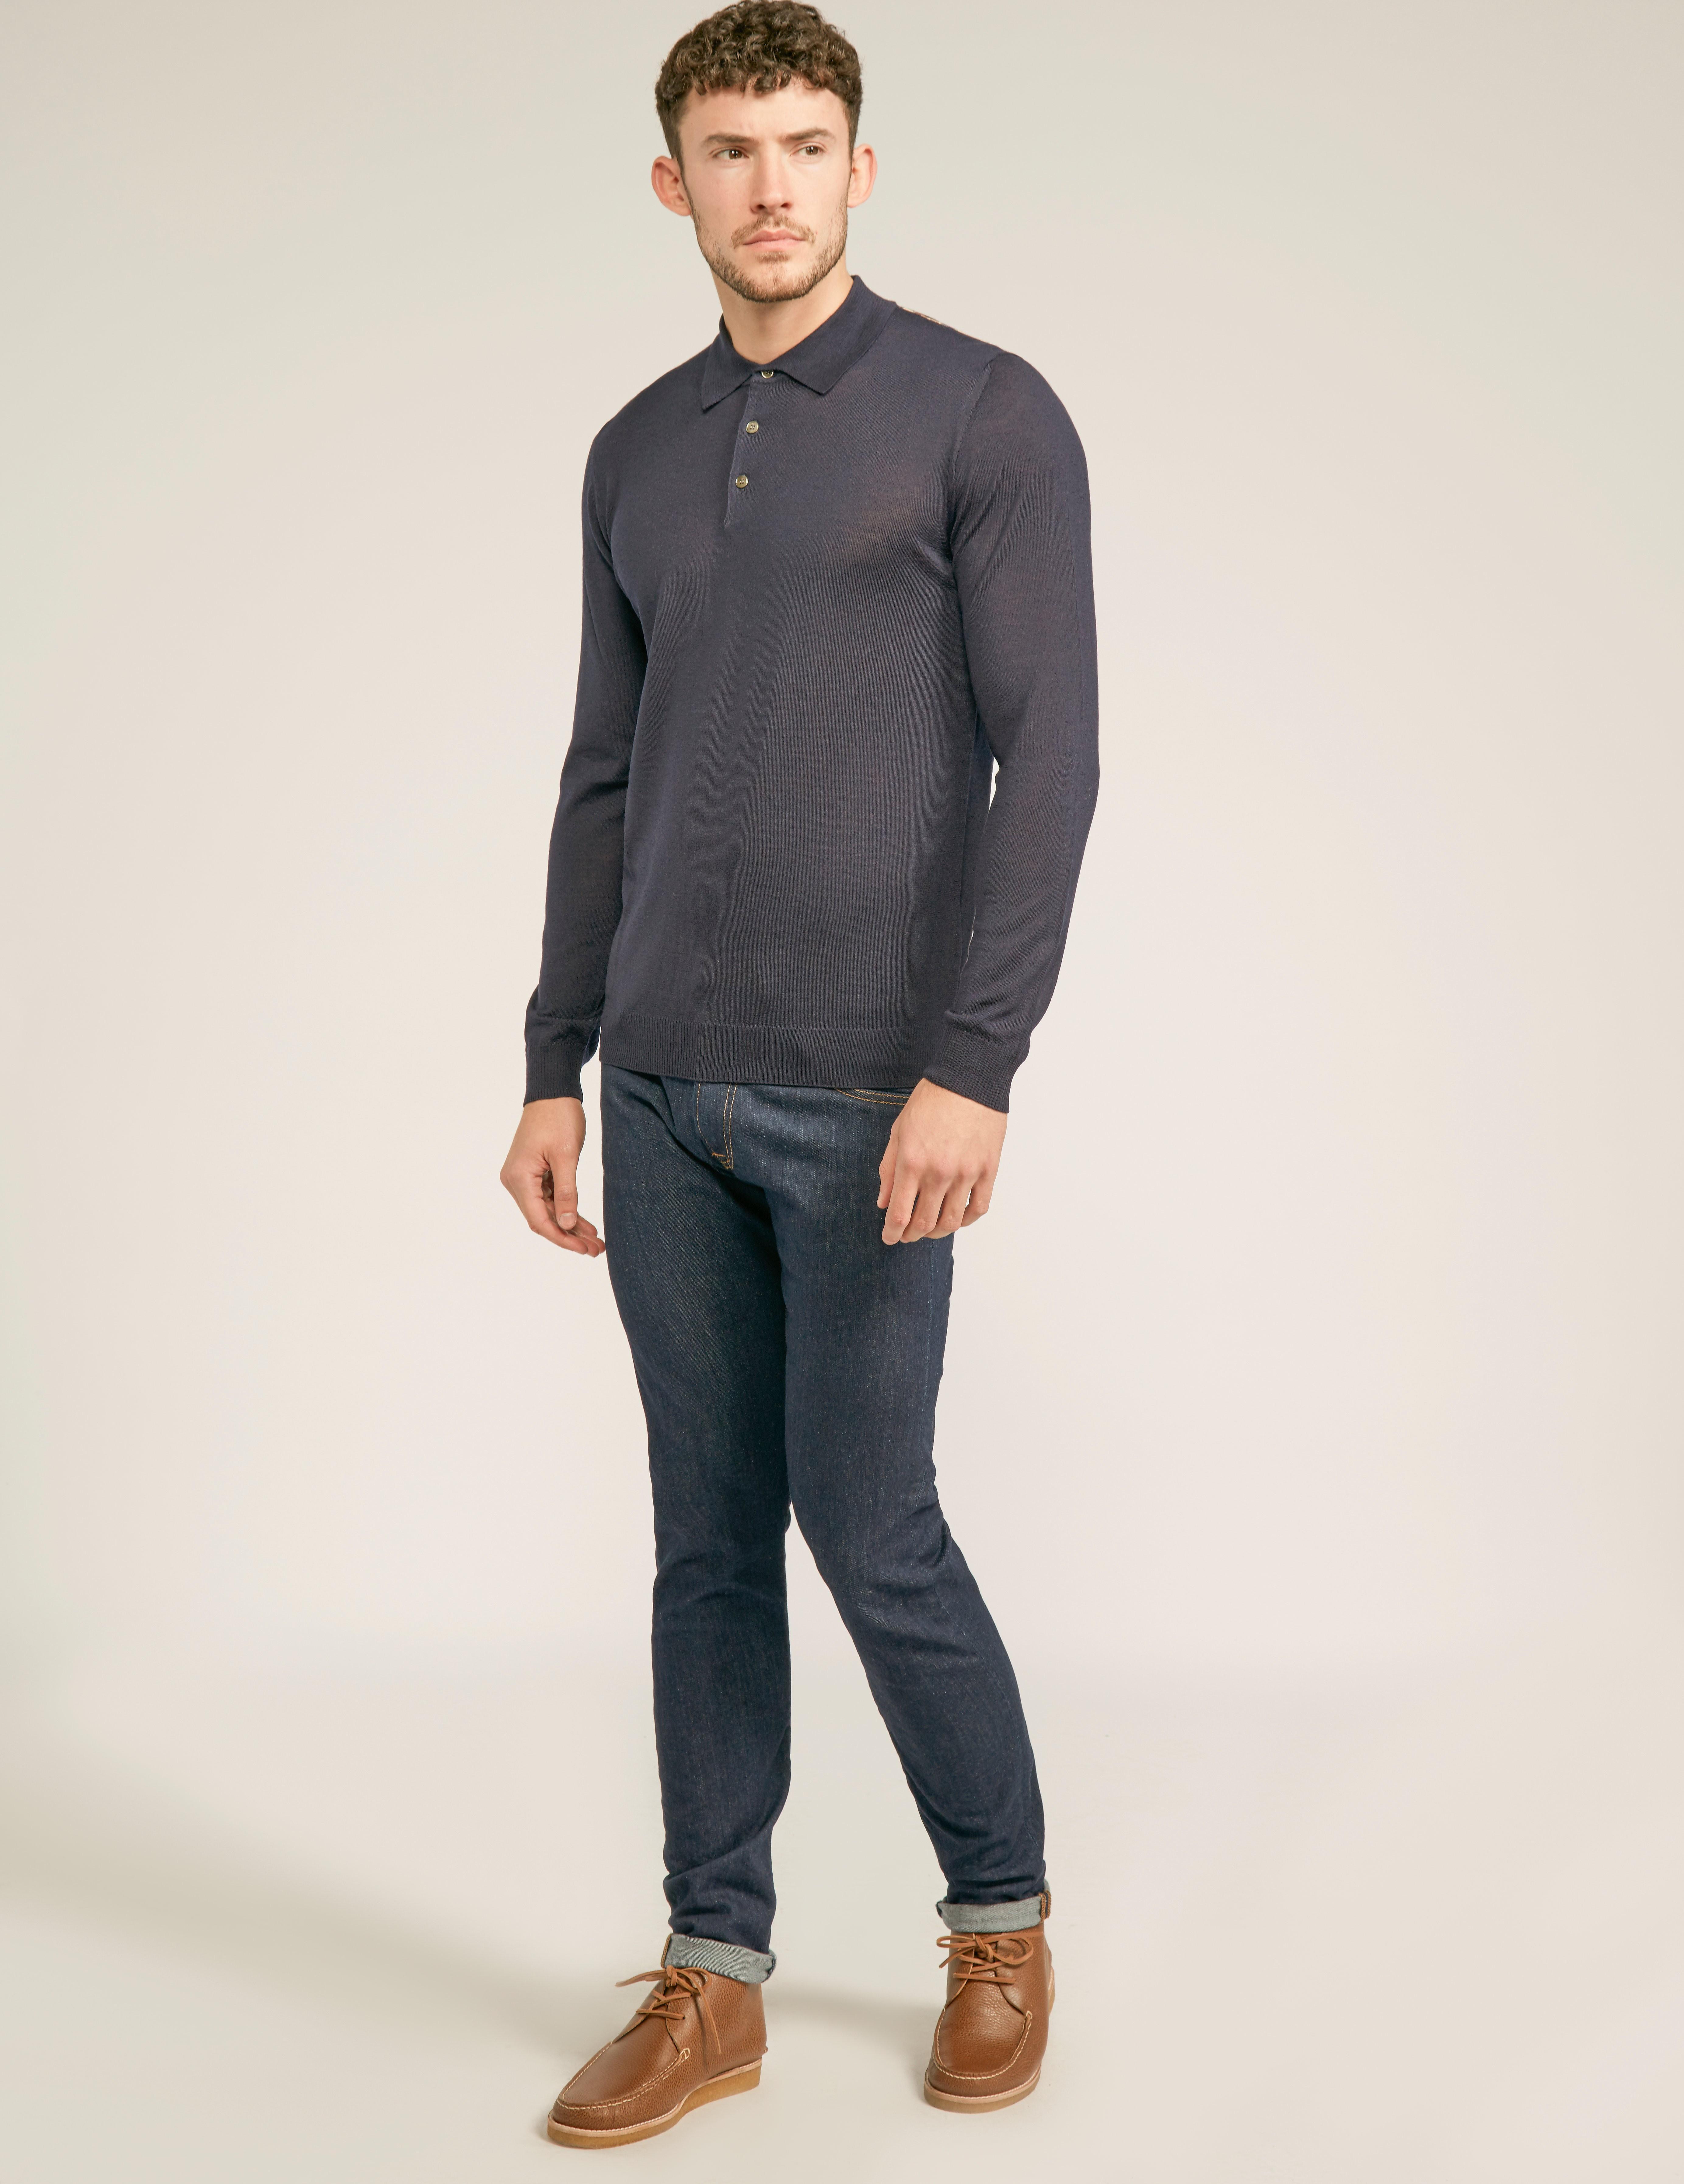 Aquascutum Knitted Long Sleeve Polo Shirt